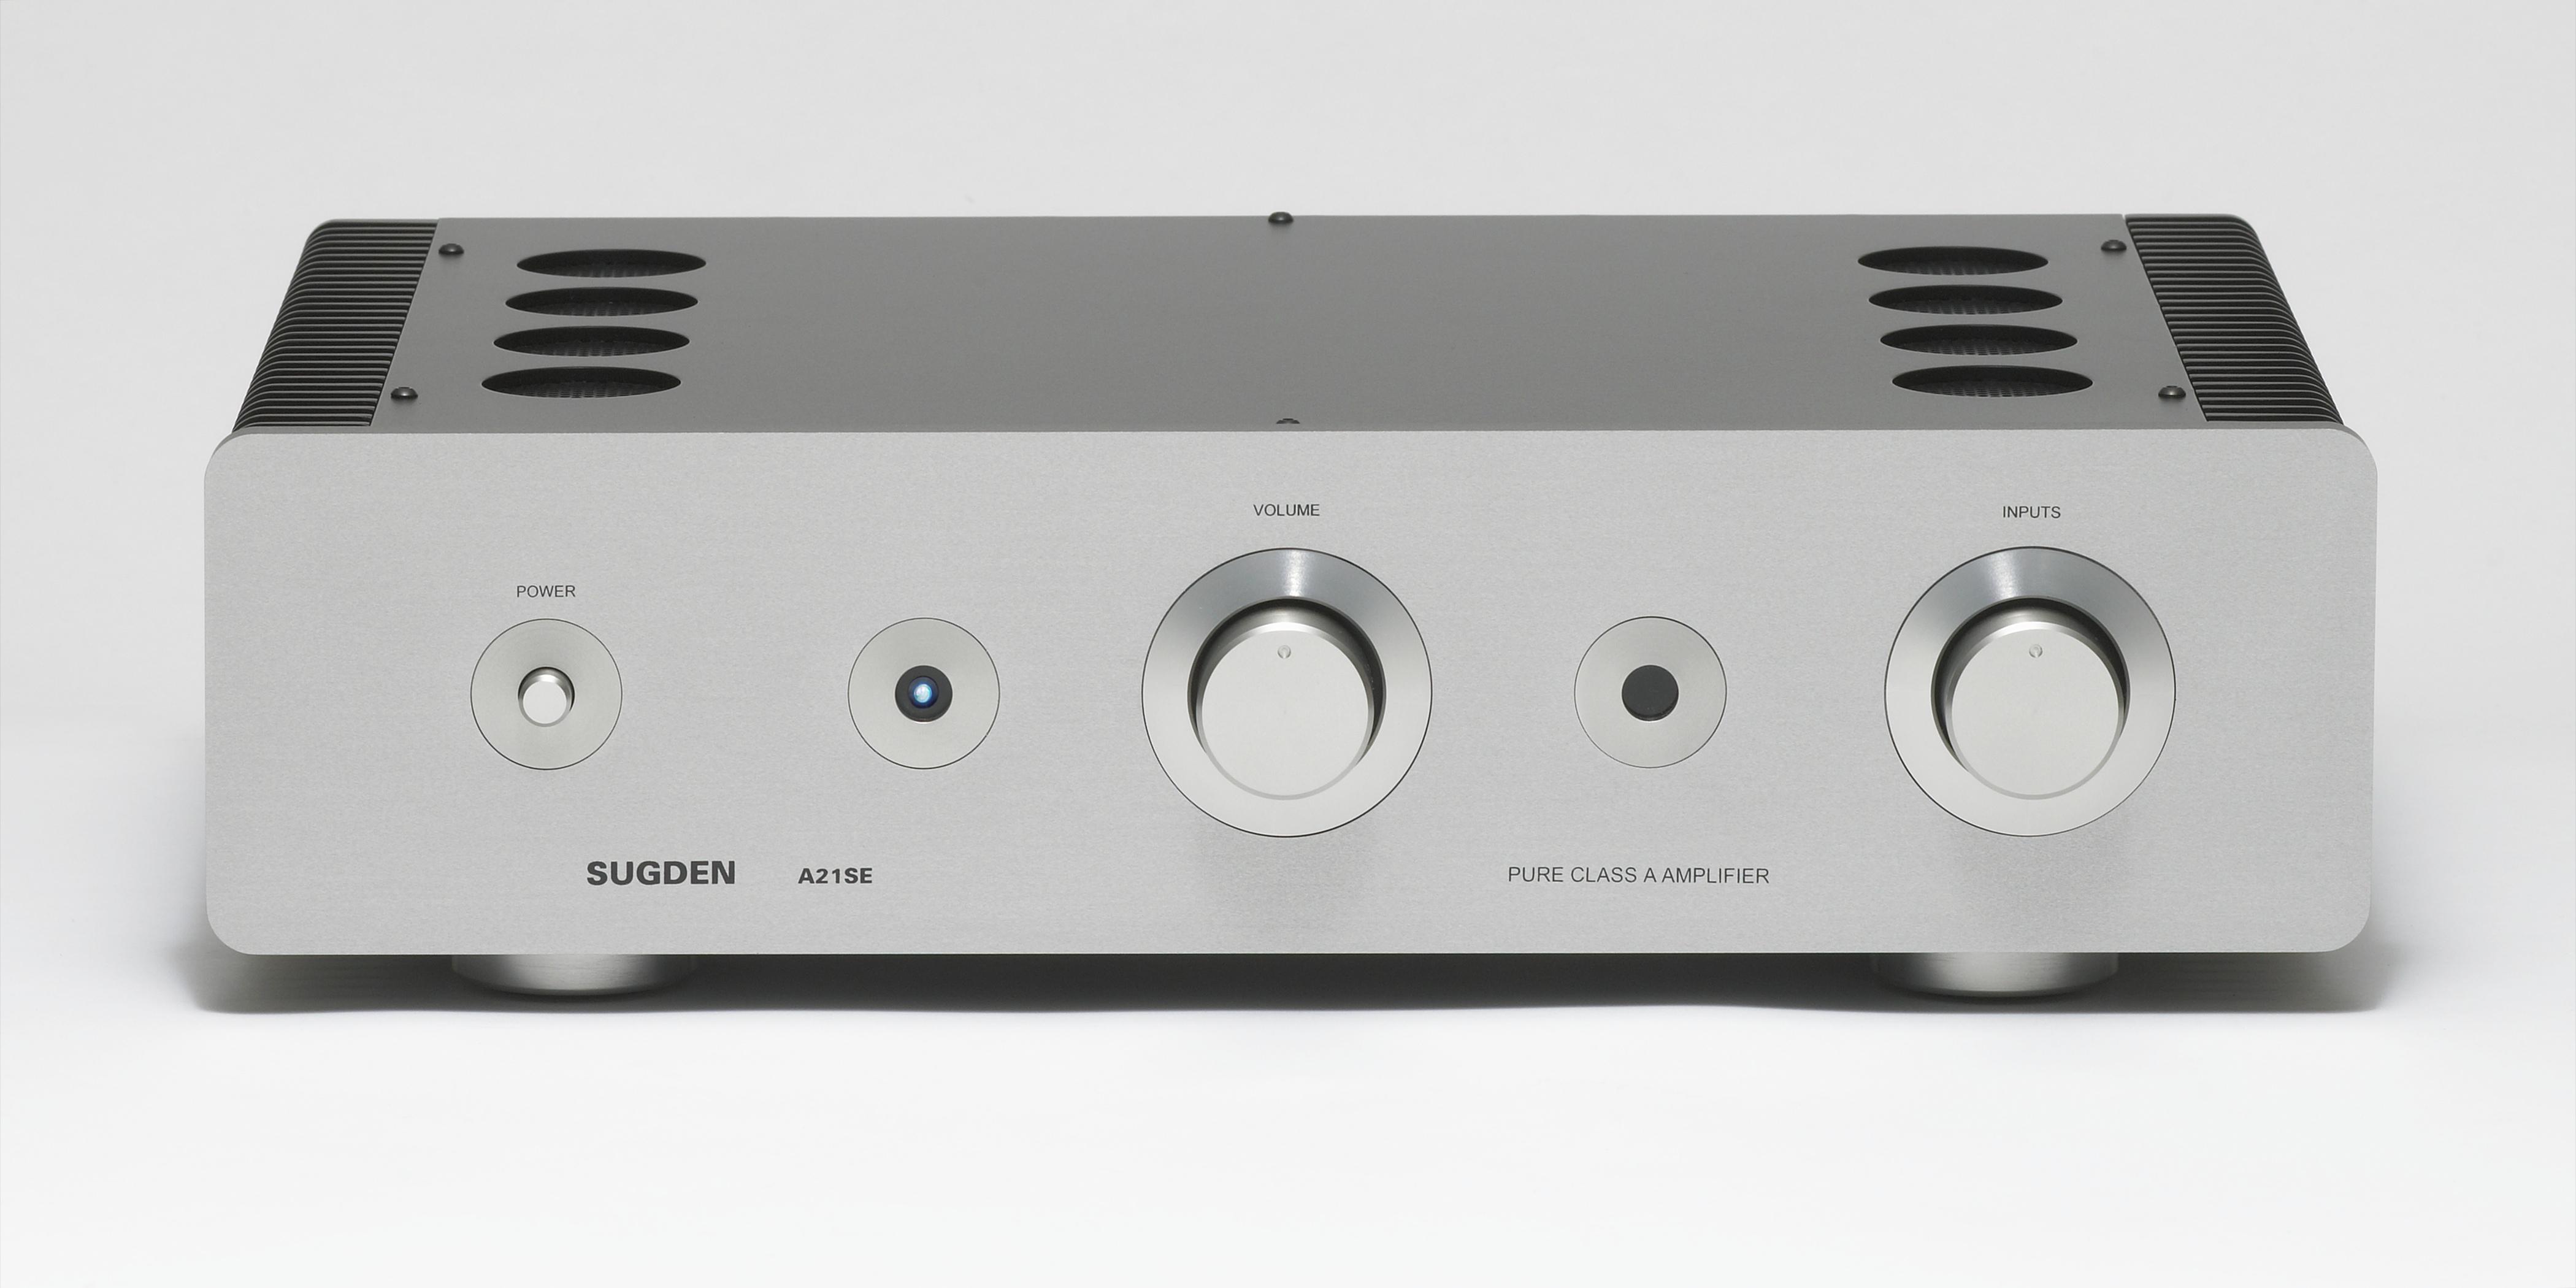 sugdena21se-ffronr-1